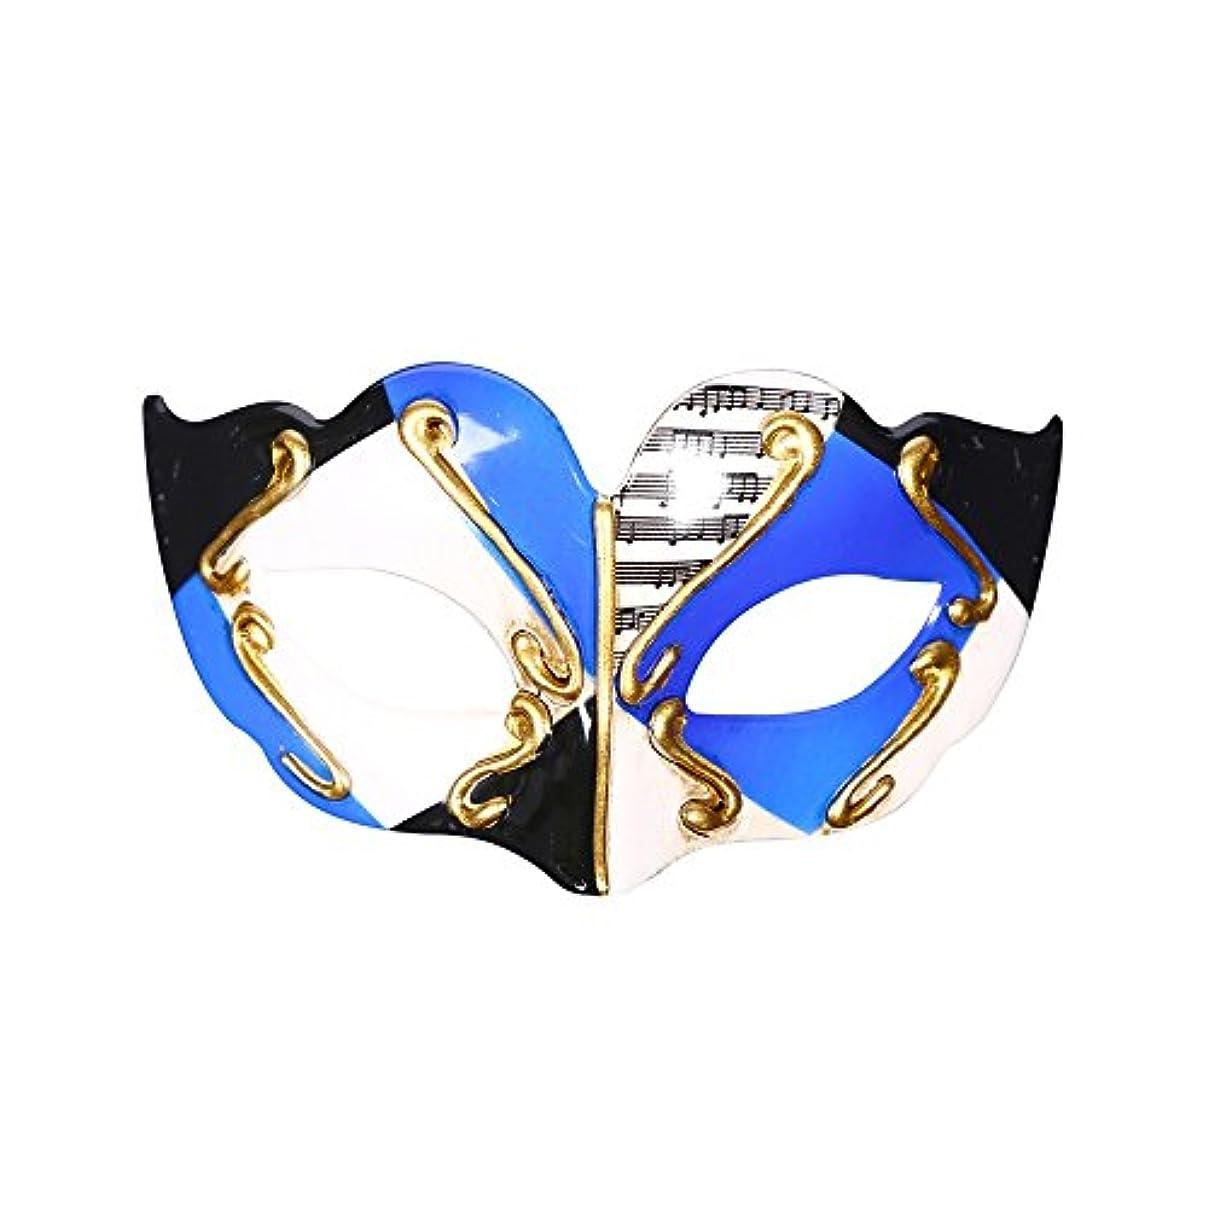 つま先下に北ハロウィーン仮面舞踏会マスクフラットヘッド半顔ハードプラスチック子供のマスク (Color : B)